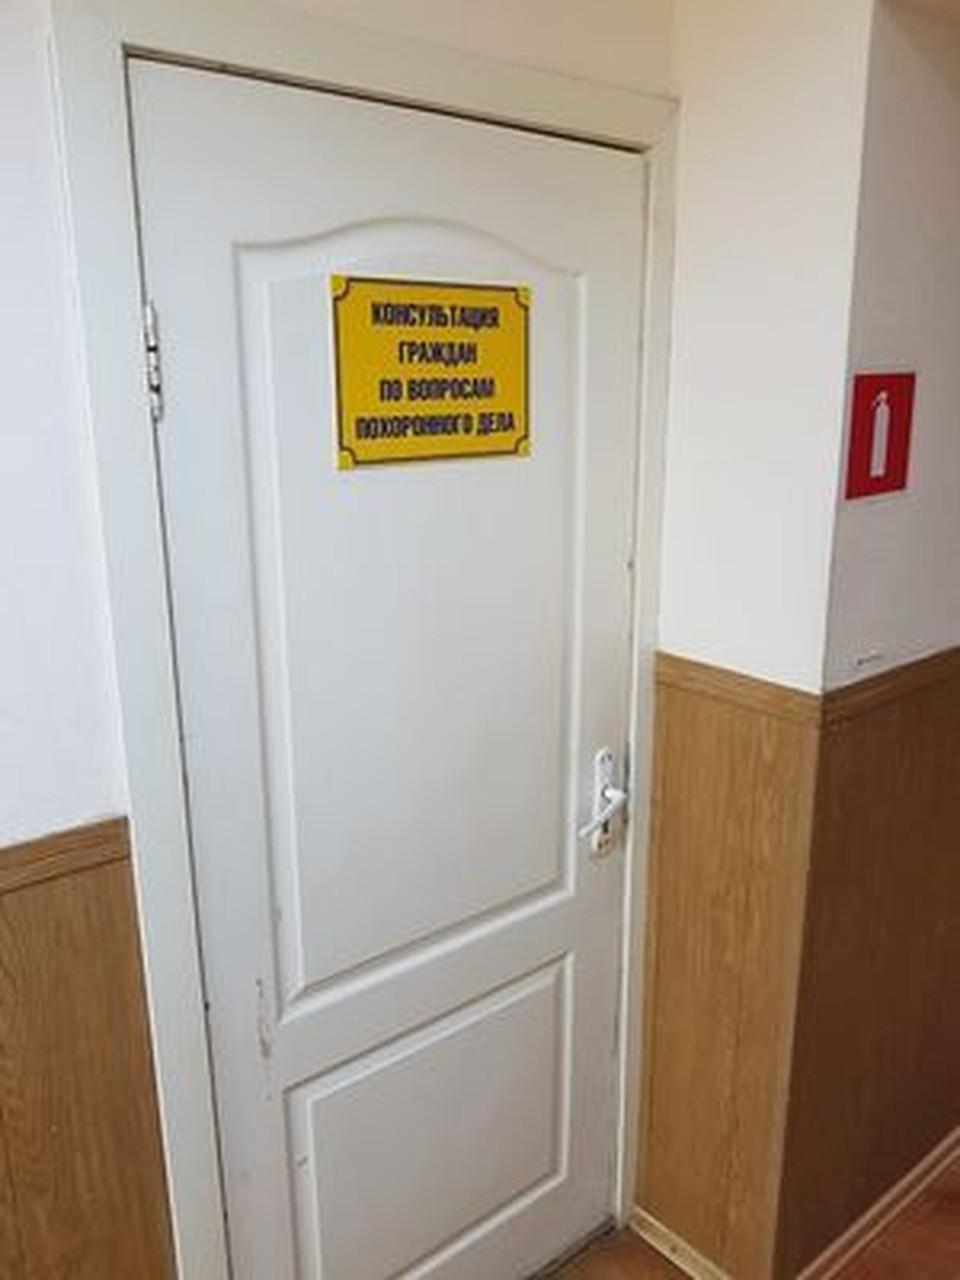 Специальный кабинет, где можно получить всю информацию, касающуюся похорон, находится в управлении ЗАГС